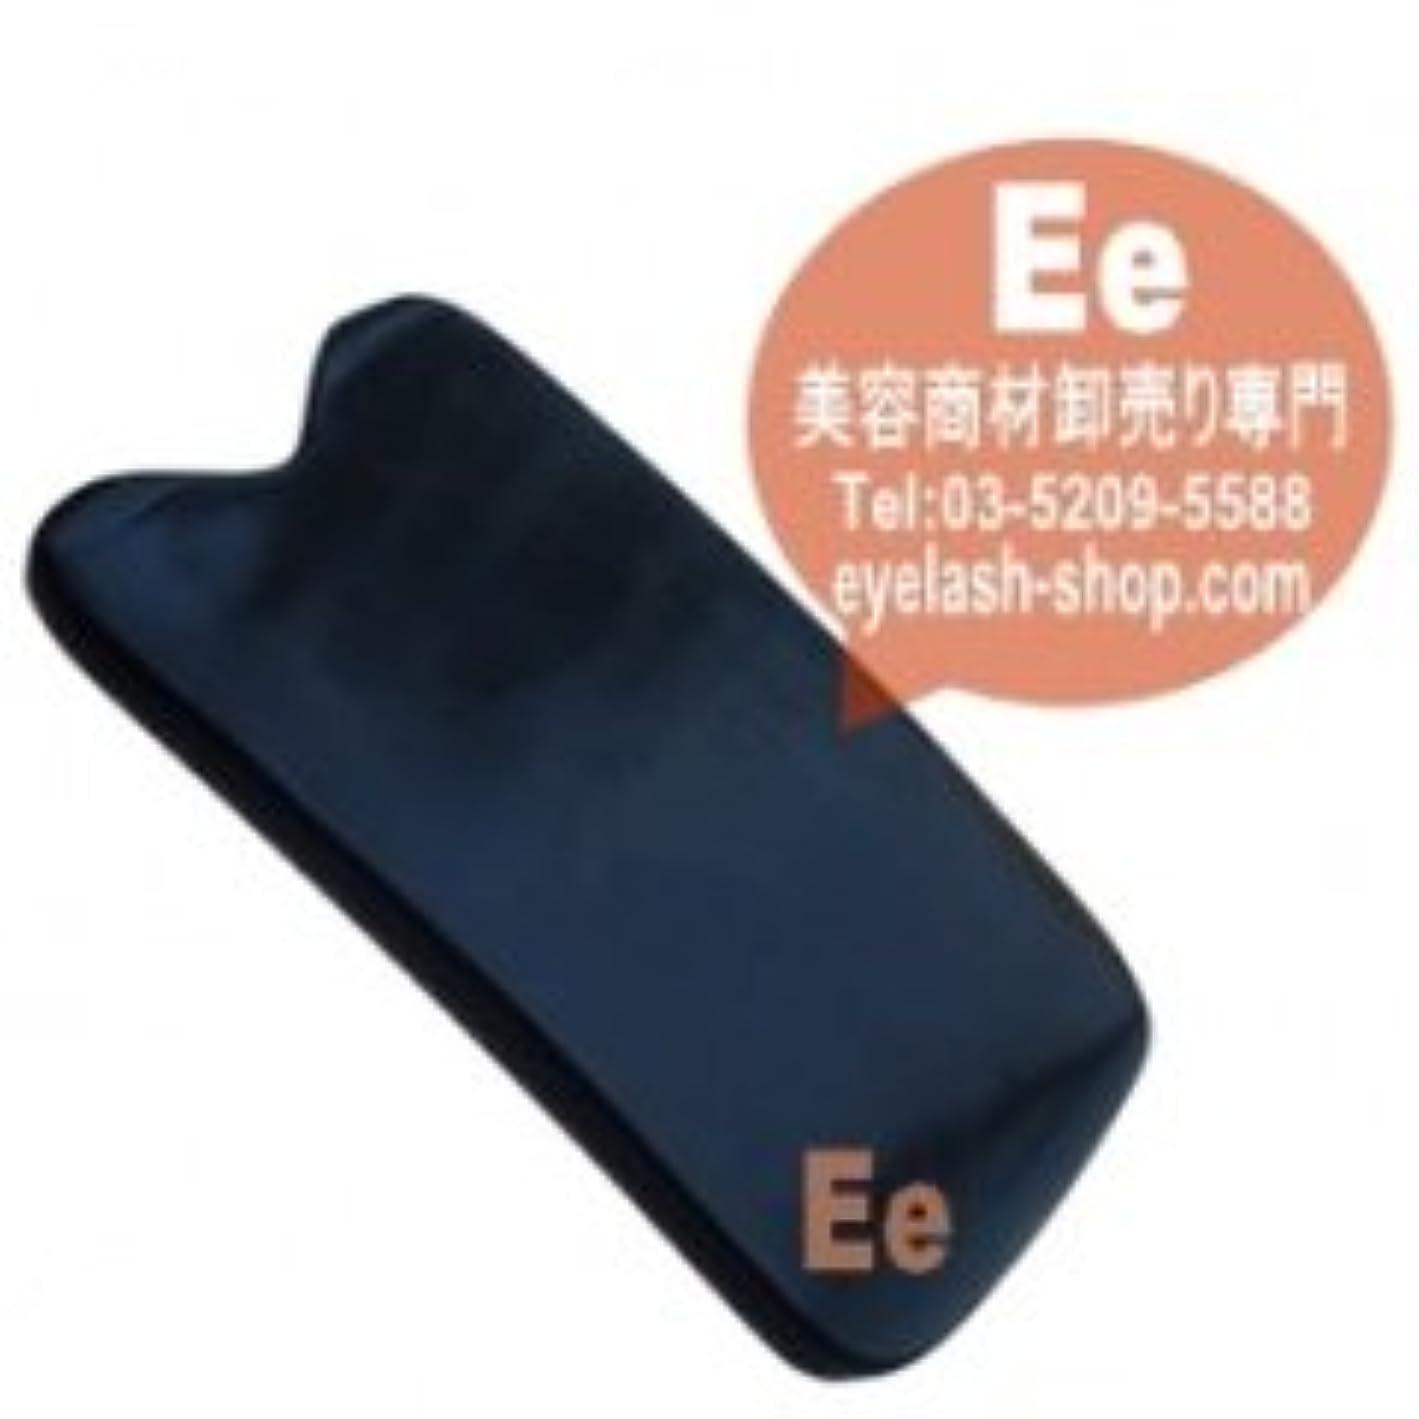 あえぎバイオレット中級かっさ板 カッサプレート 美容マッサージカッサ板 グアシャ板 水牛の角 A-04